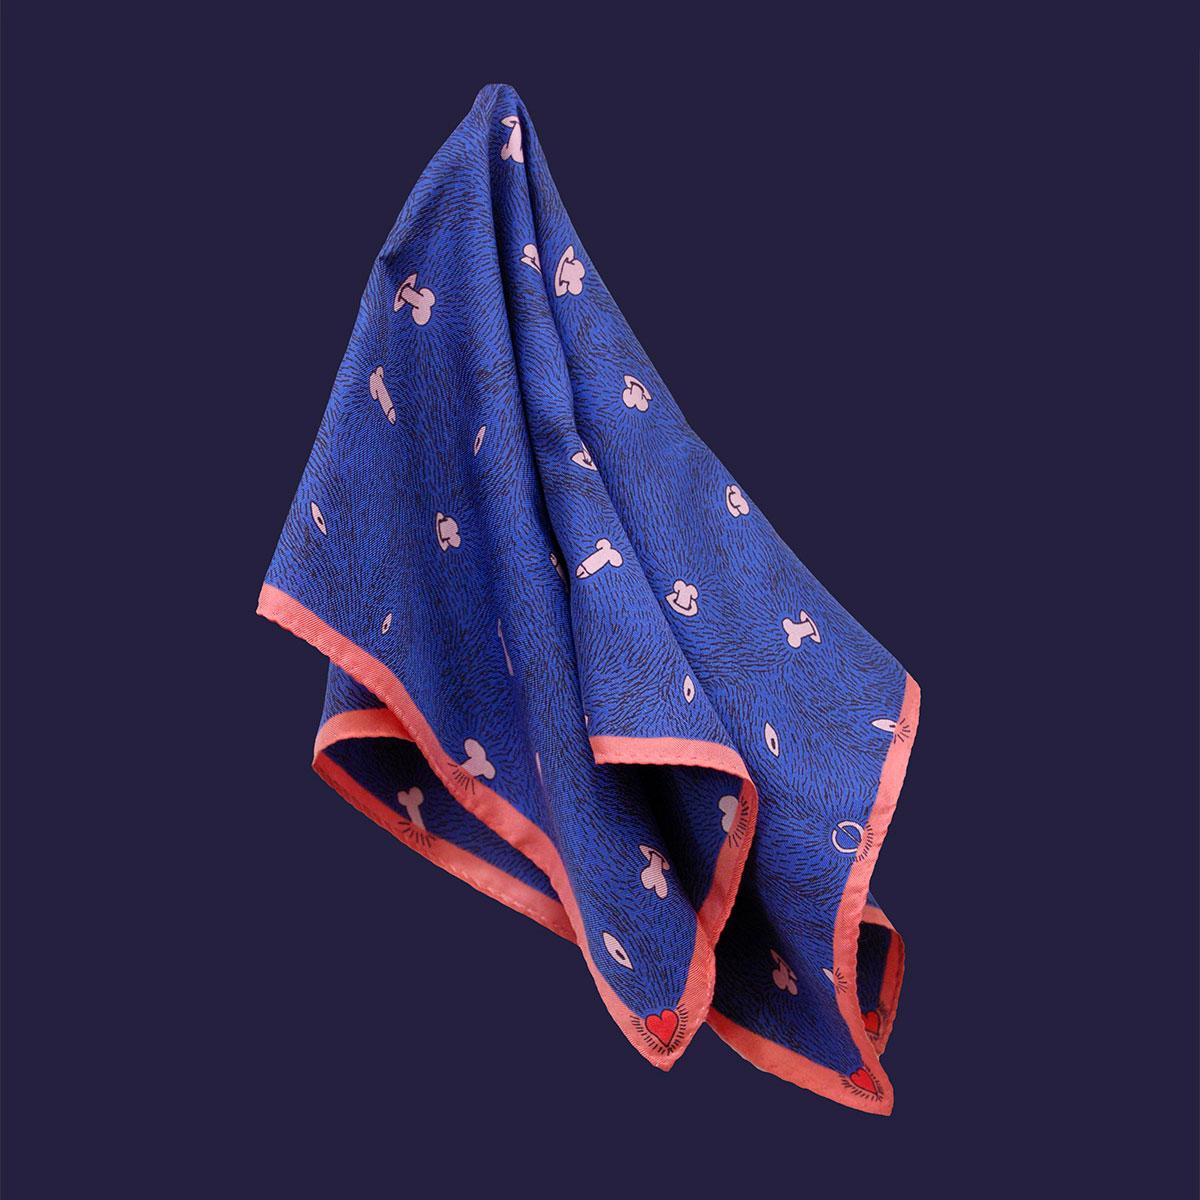 Petit foulard bleu nuit avec liseré rose accroché par la centre du foulard, sur fond uni